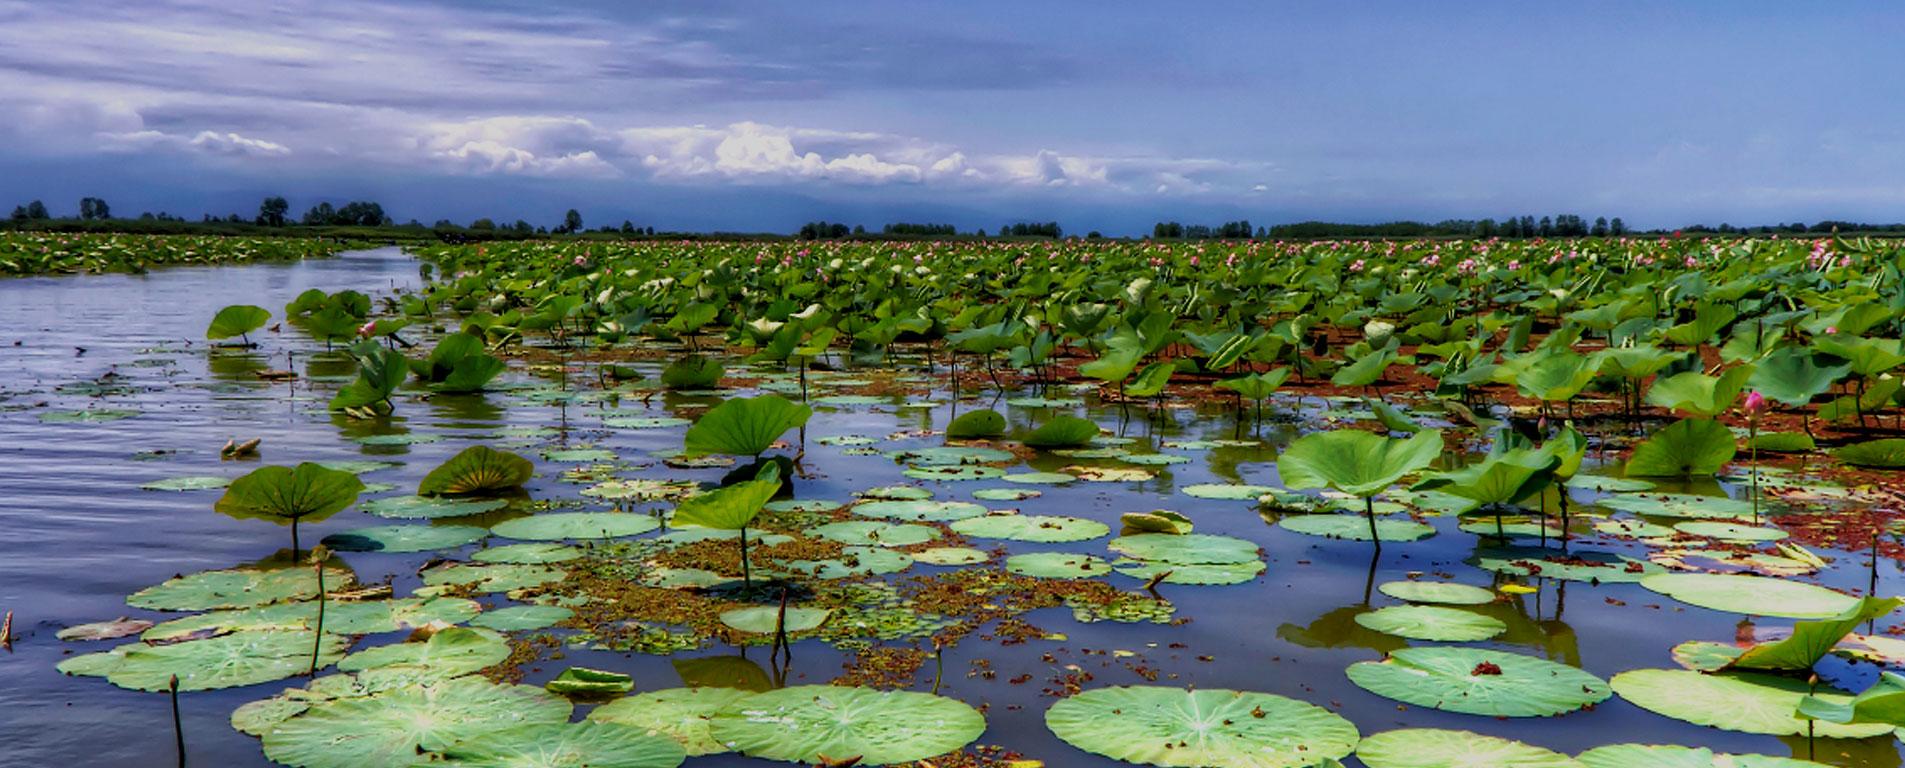 تالاب انزلی ؛ تلفیق شگفت انگیز طبیعت از خشکی و دریا